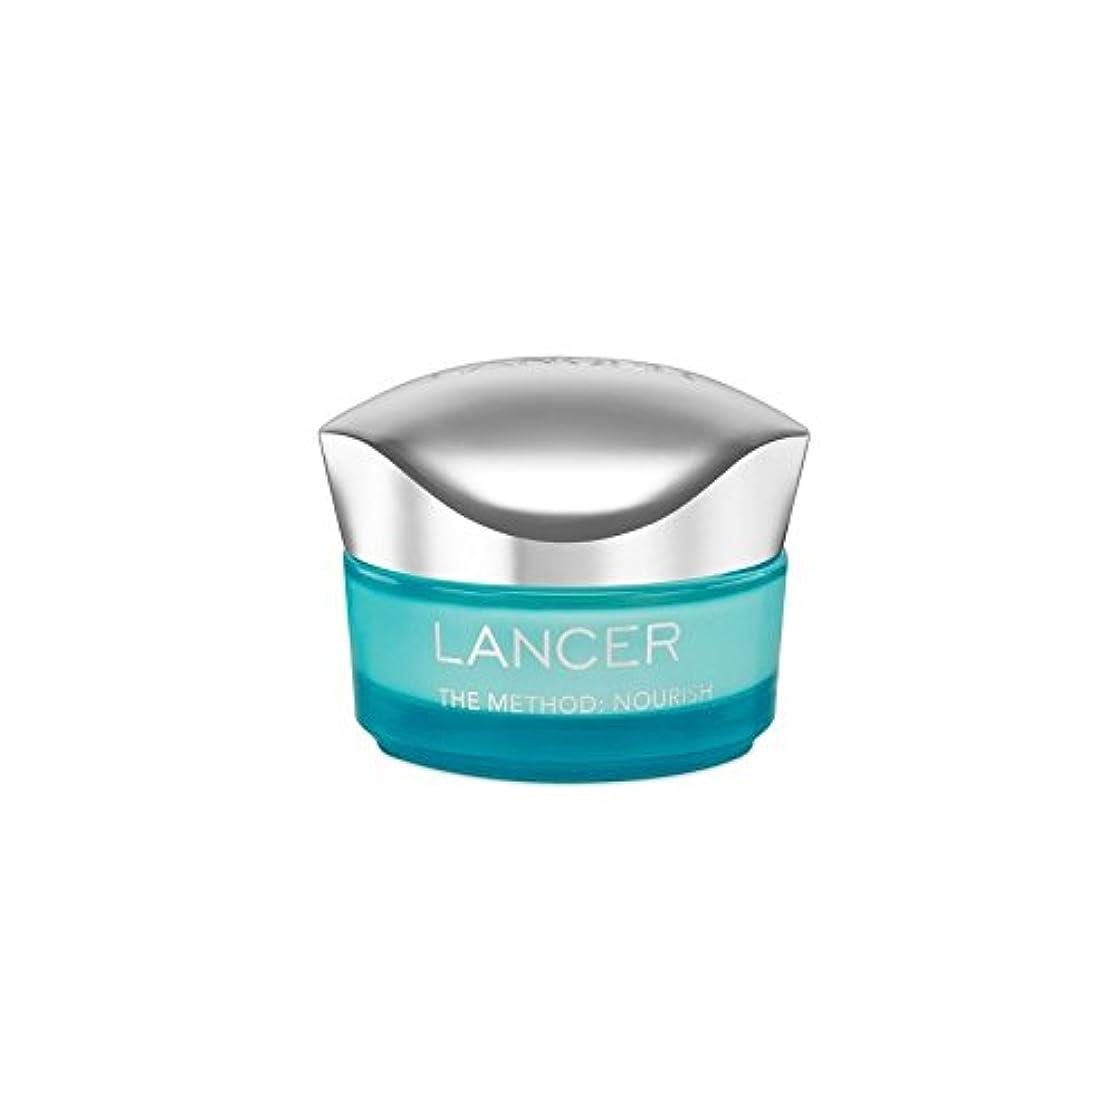 浴恐怖症風邪をひくLancer Skincare The Method: Nourish Moisturiser (50ml) - ランサーは、この方法をスキンケア:モイスチャライザー(50)に栄養を与えます [並行輸入品]